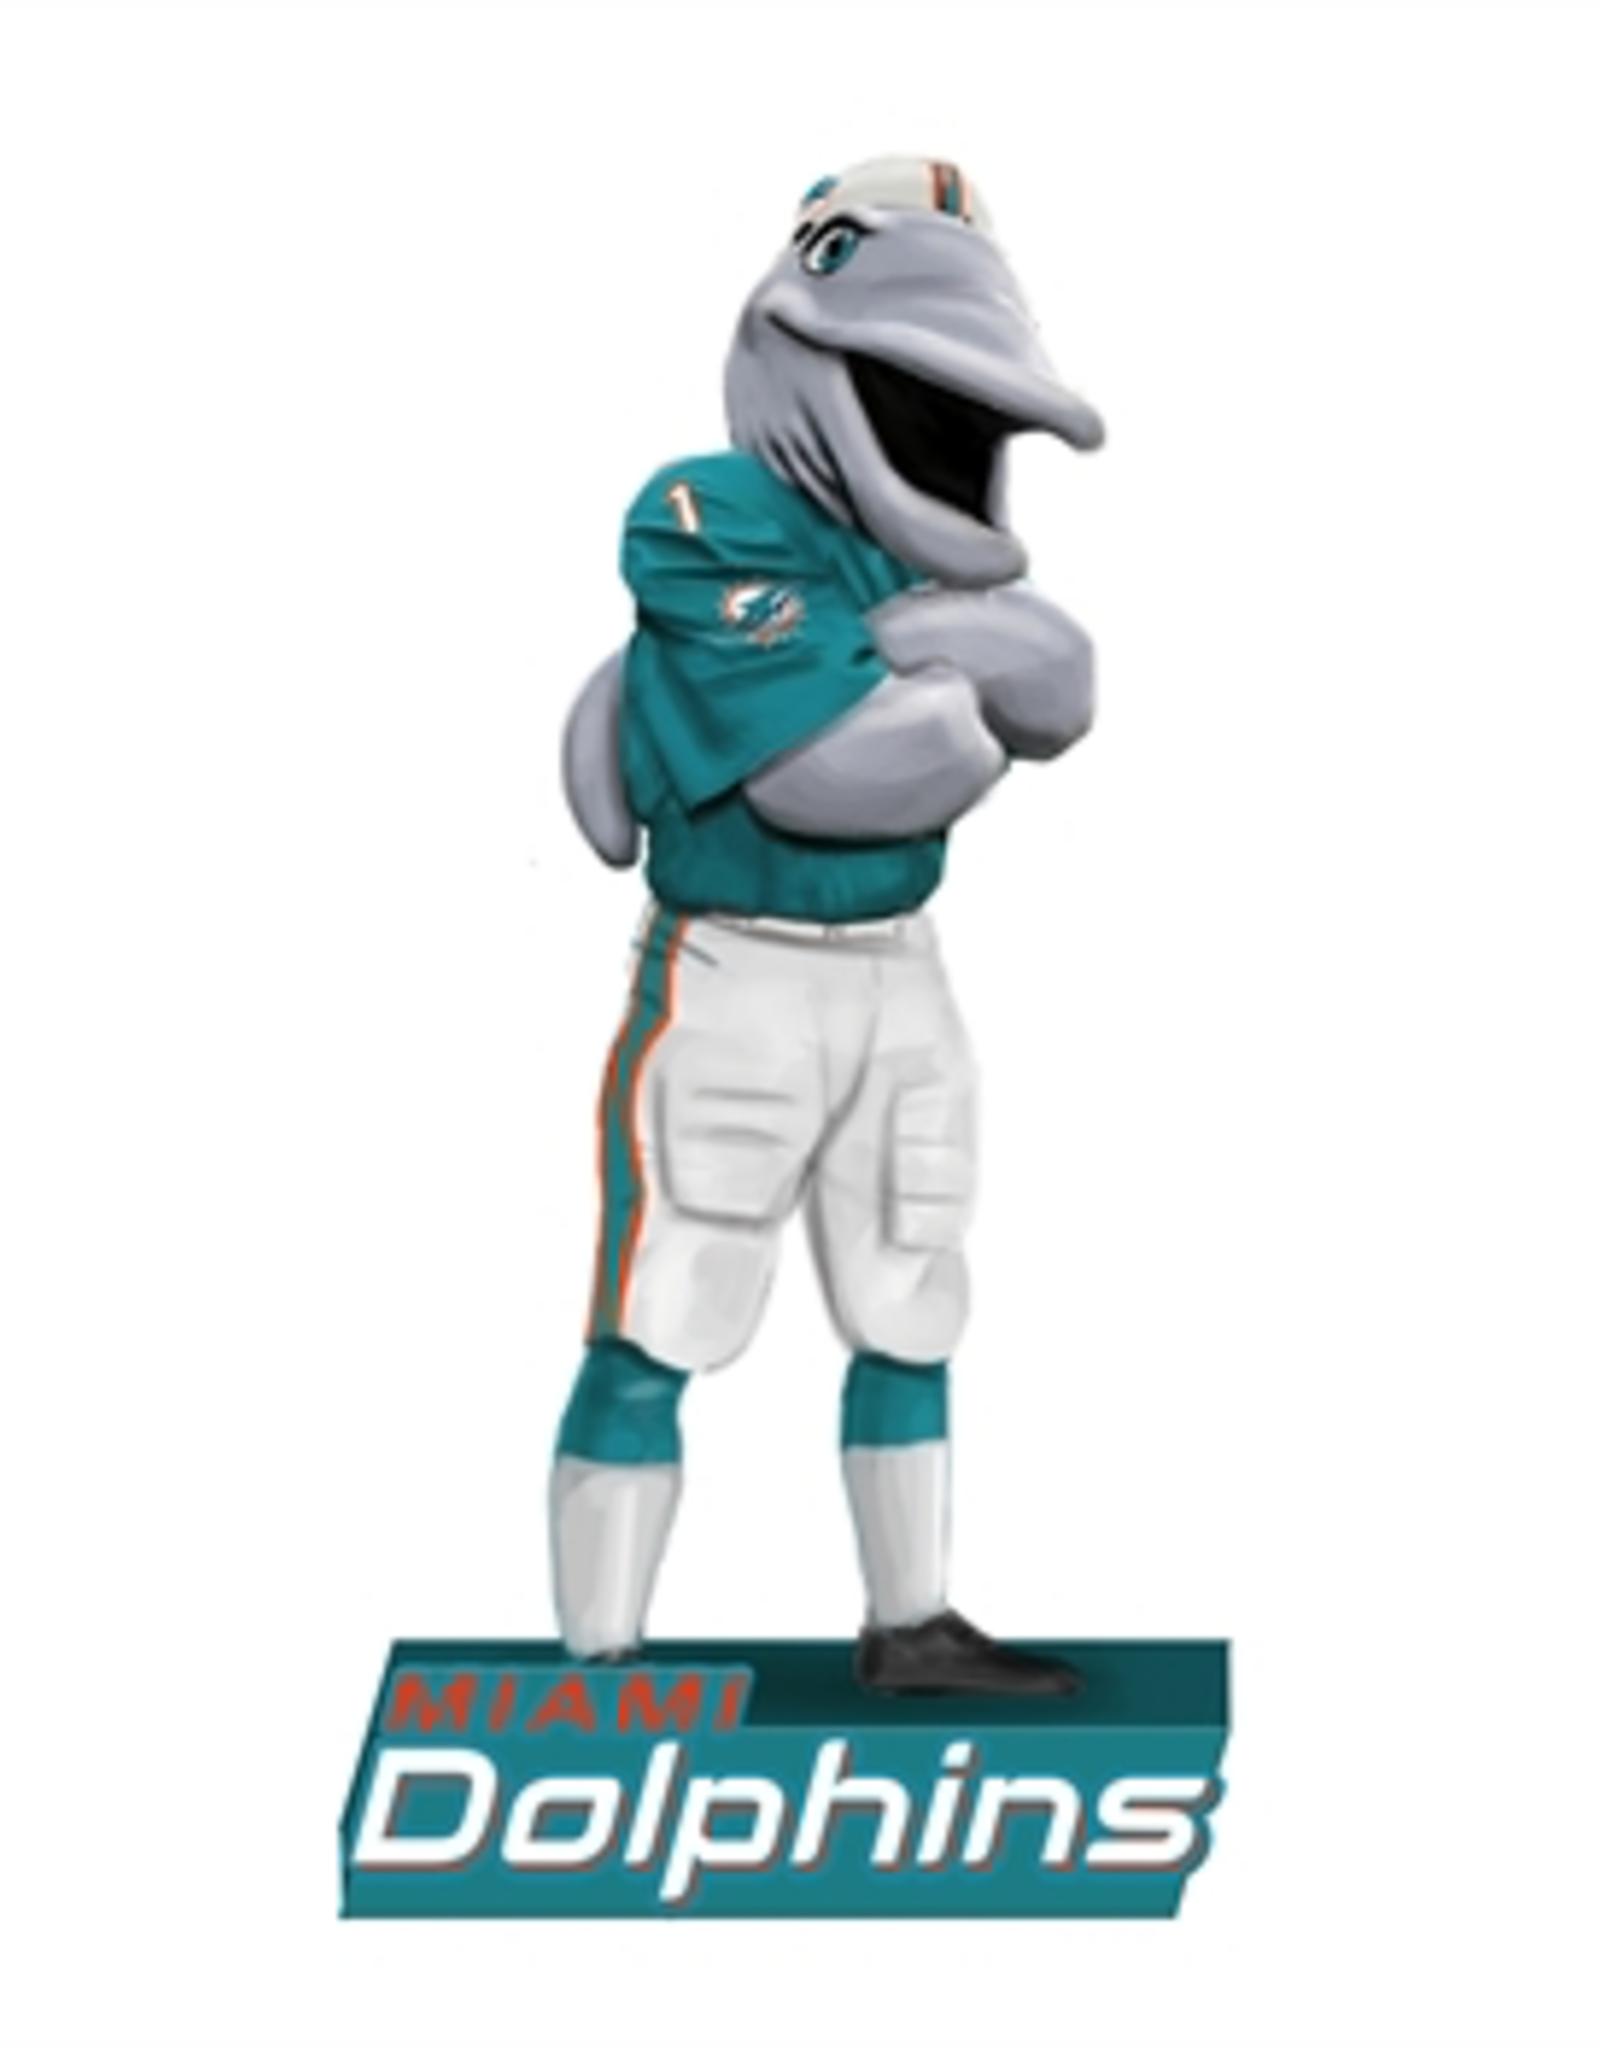 EVERGREEN Miami Dolphins Mascot Statue